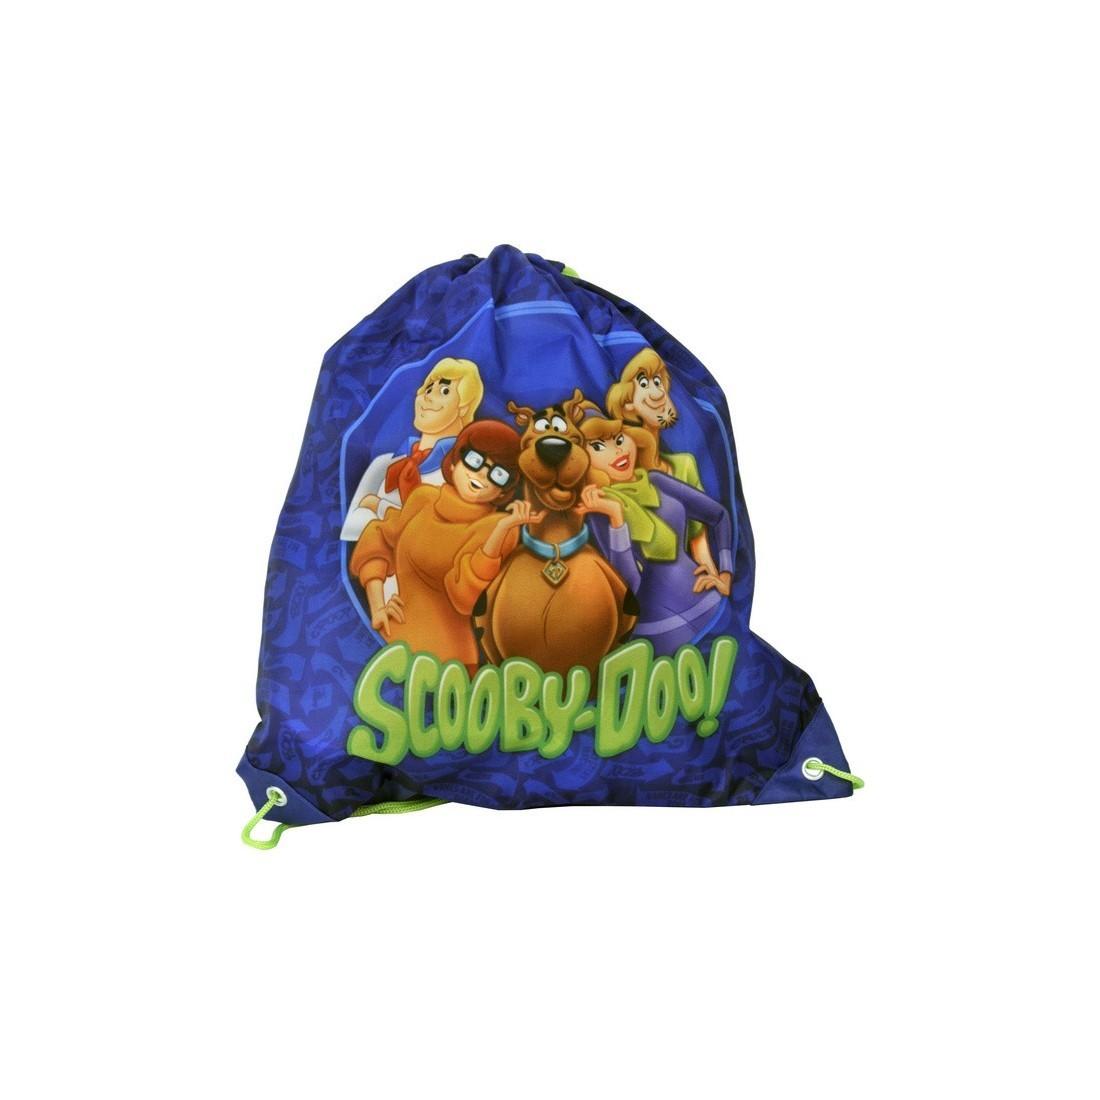 Worek szkolny Scooby Doo granatowy - plecak-tornister.pl